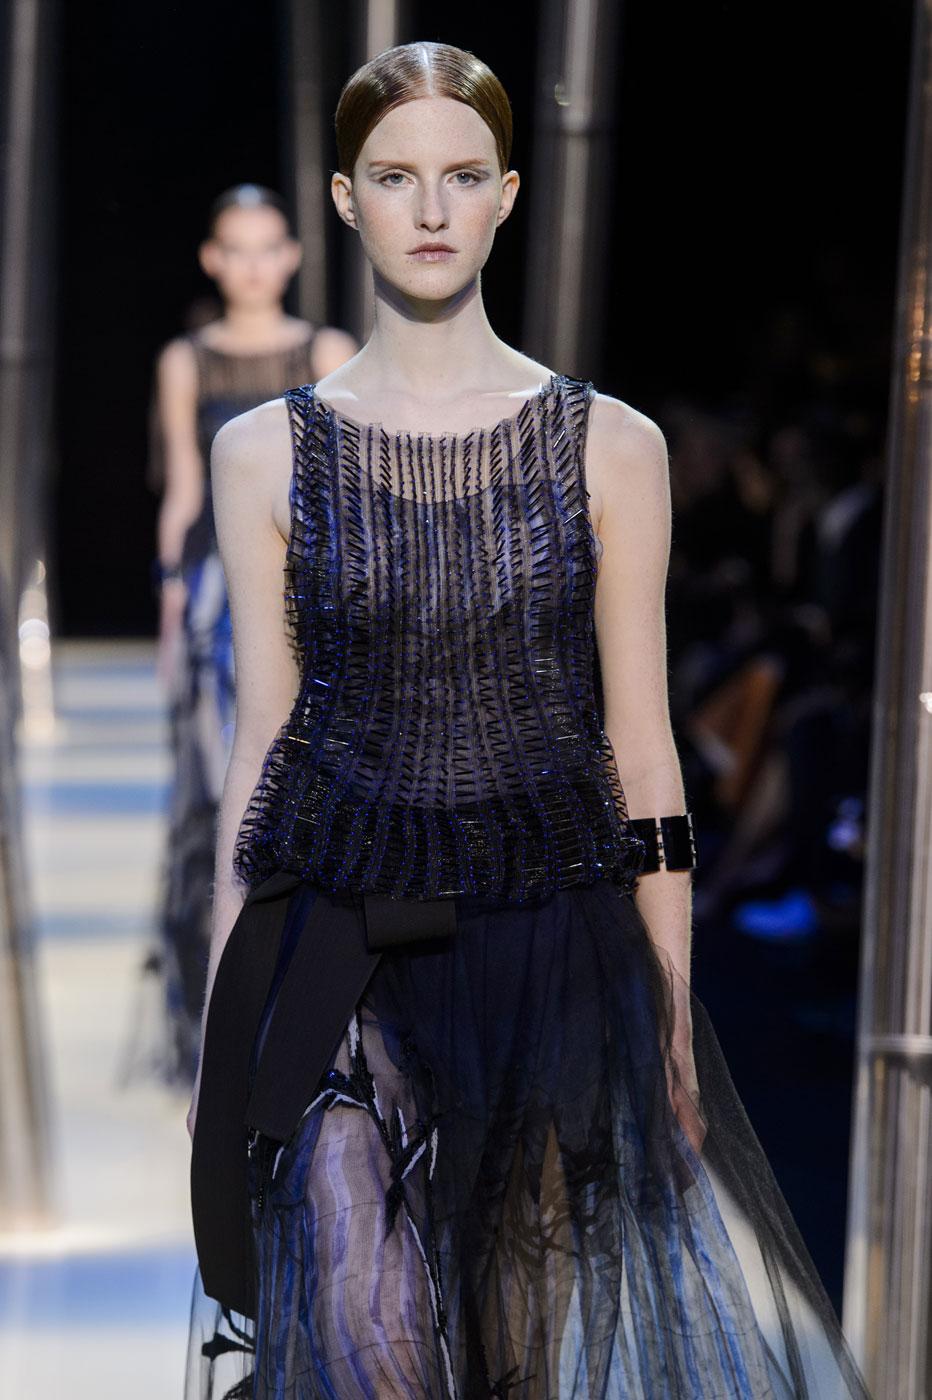 Giorgio-armani-Prive-fashion-runway-show-haute-couture-paris-spring-2015-the-impression-120